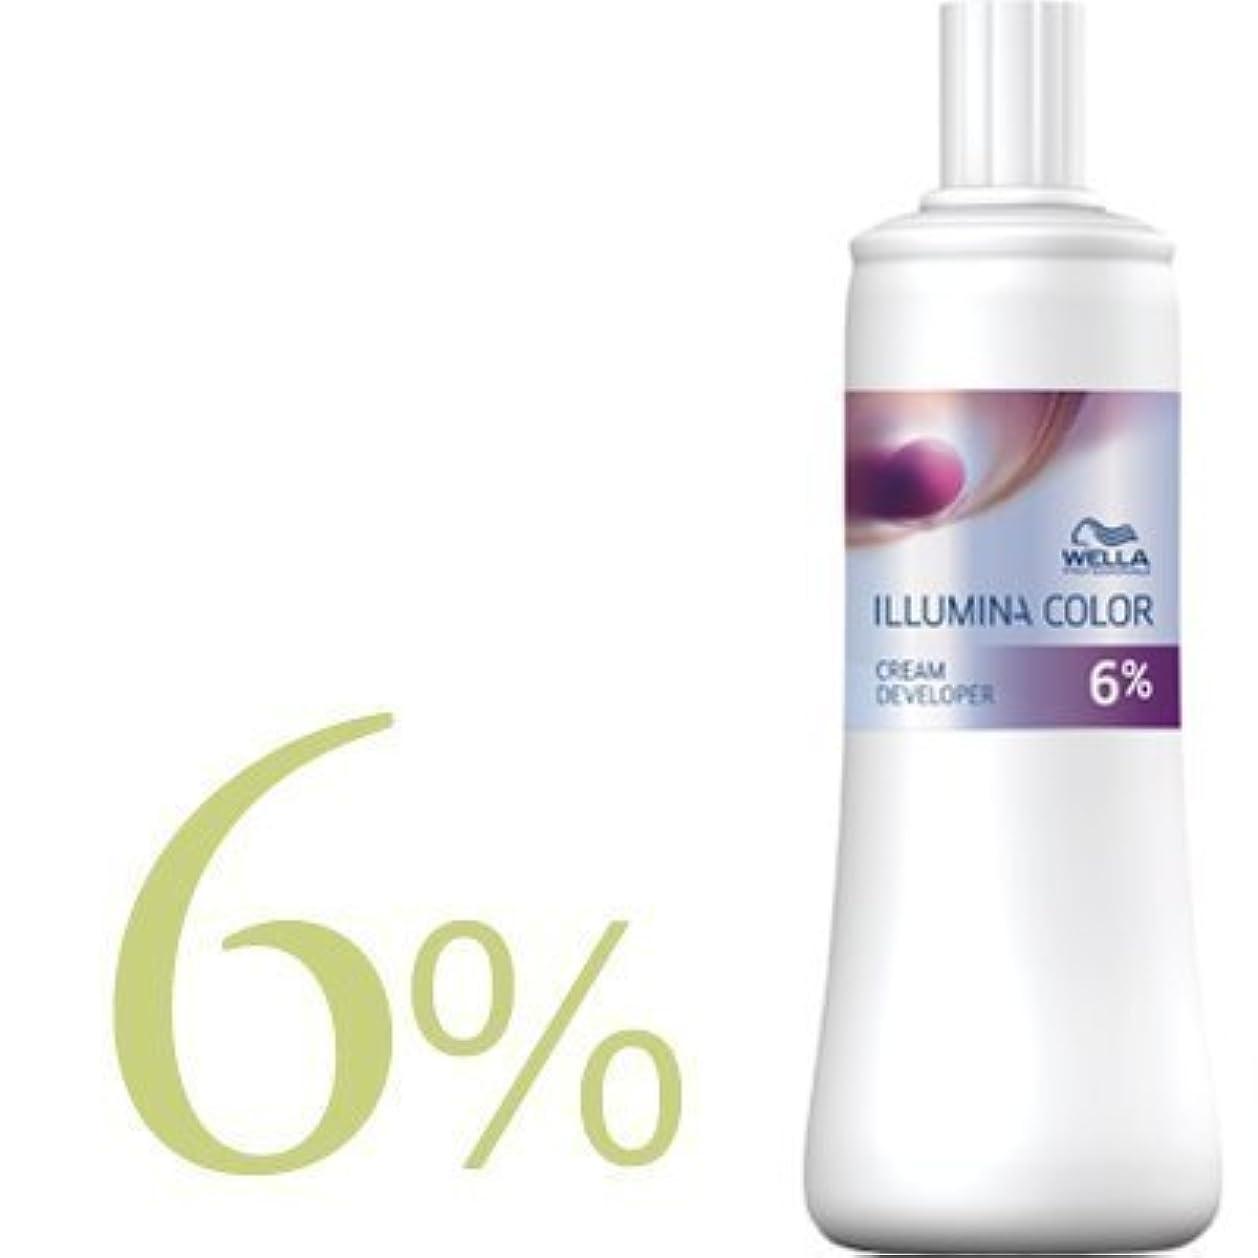 自動的にベイビー最初ウエラ イルミナカラー クリームディベロッパー 2剤 1000ml 【WELLA】(6%)